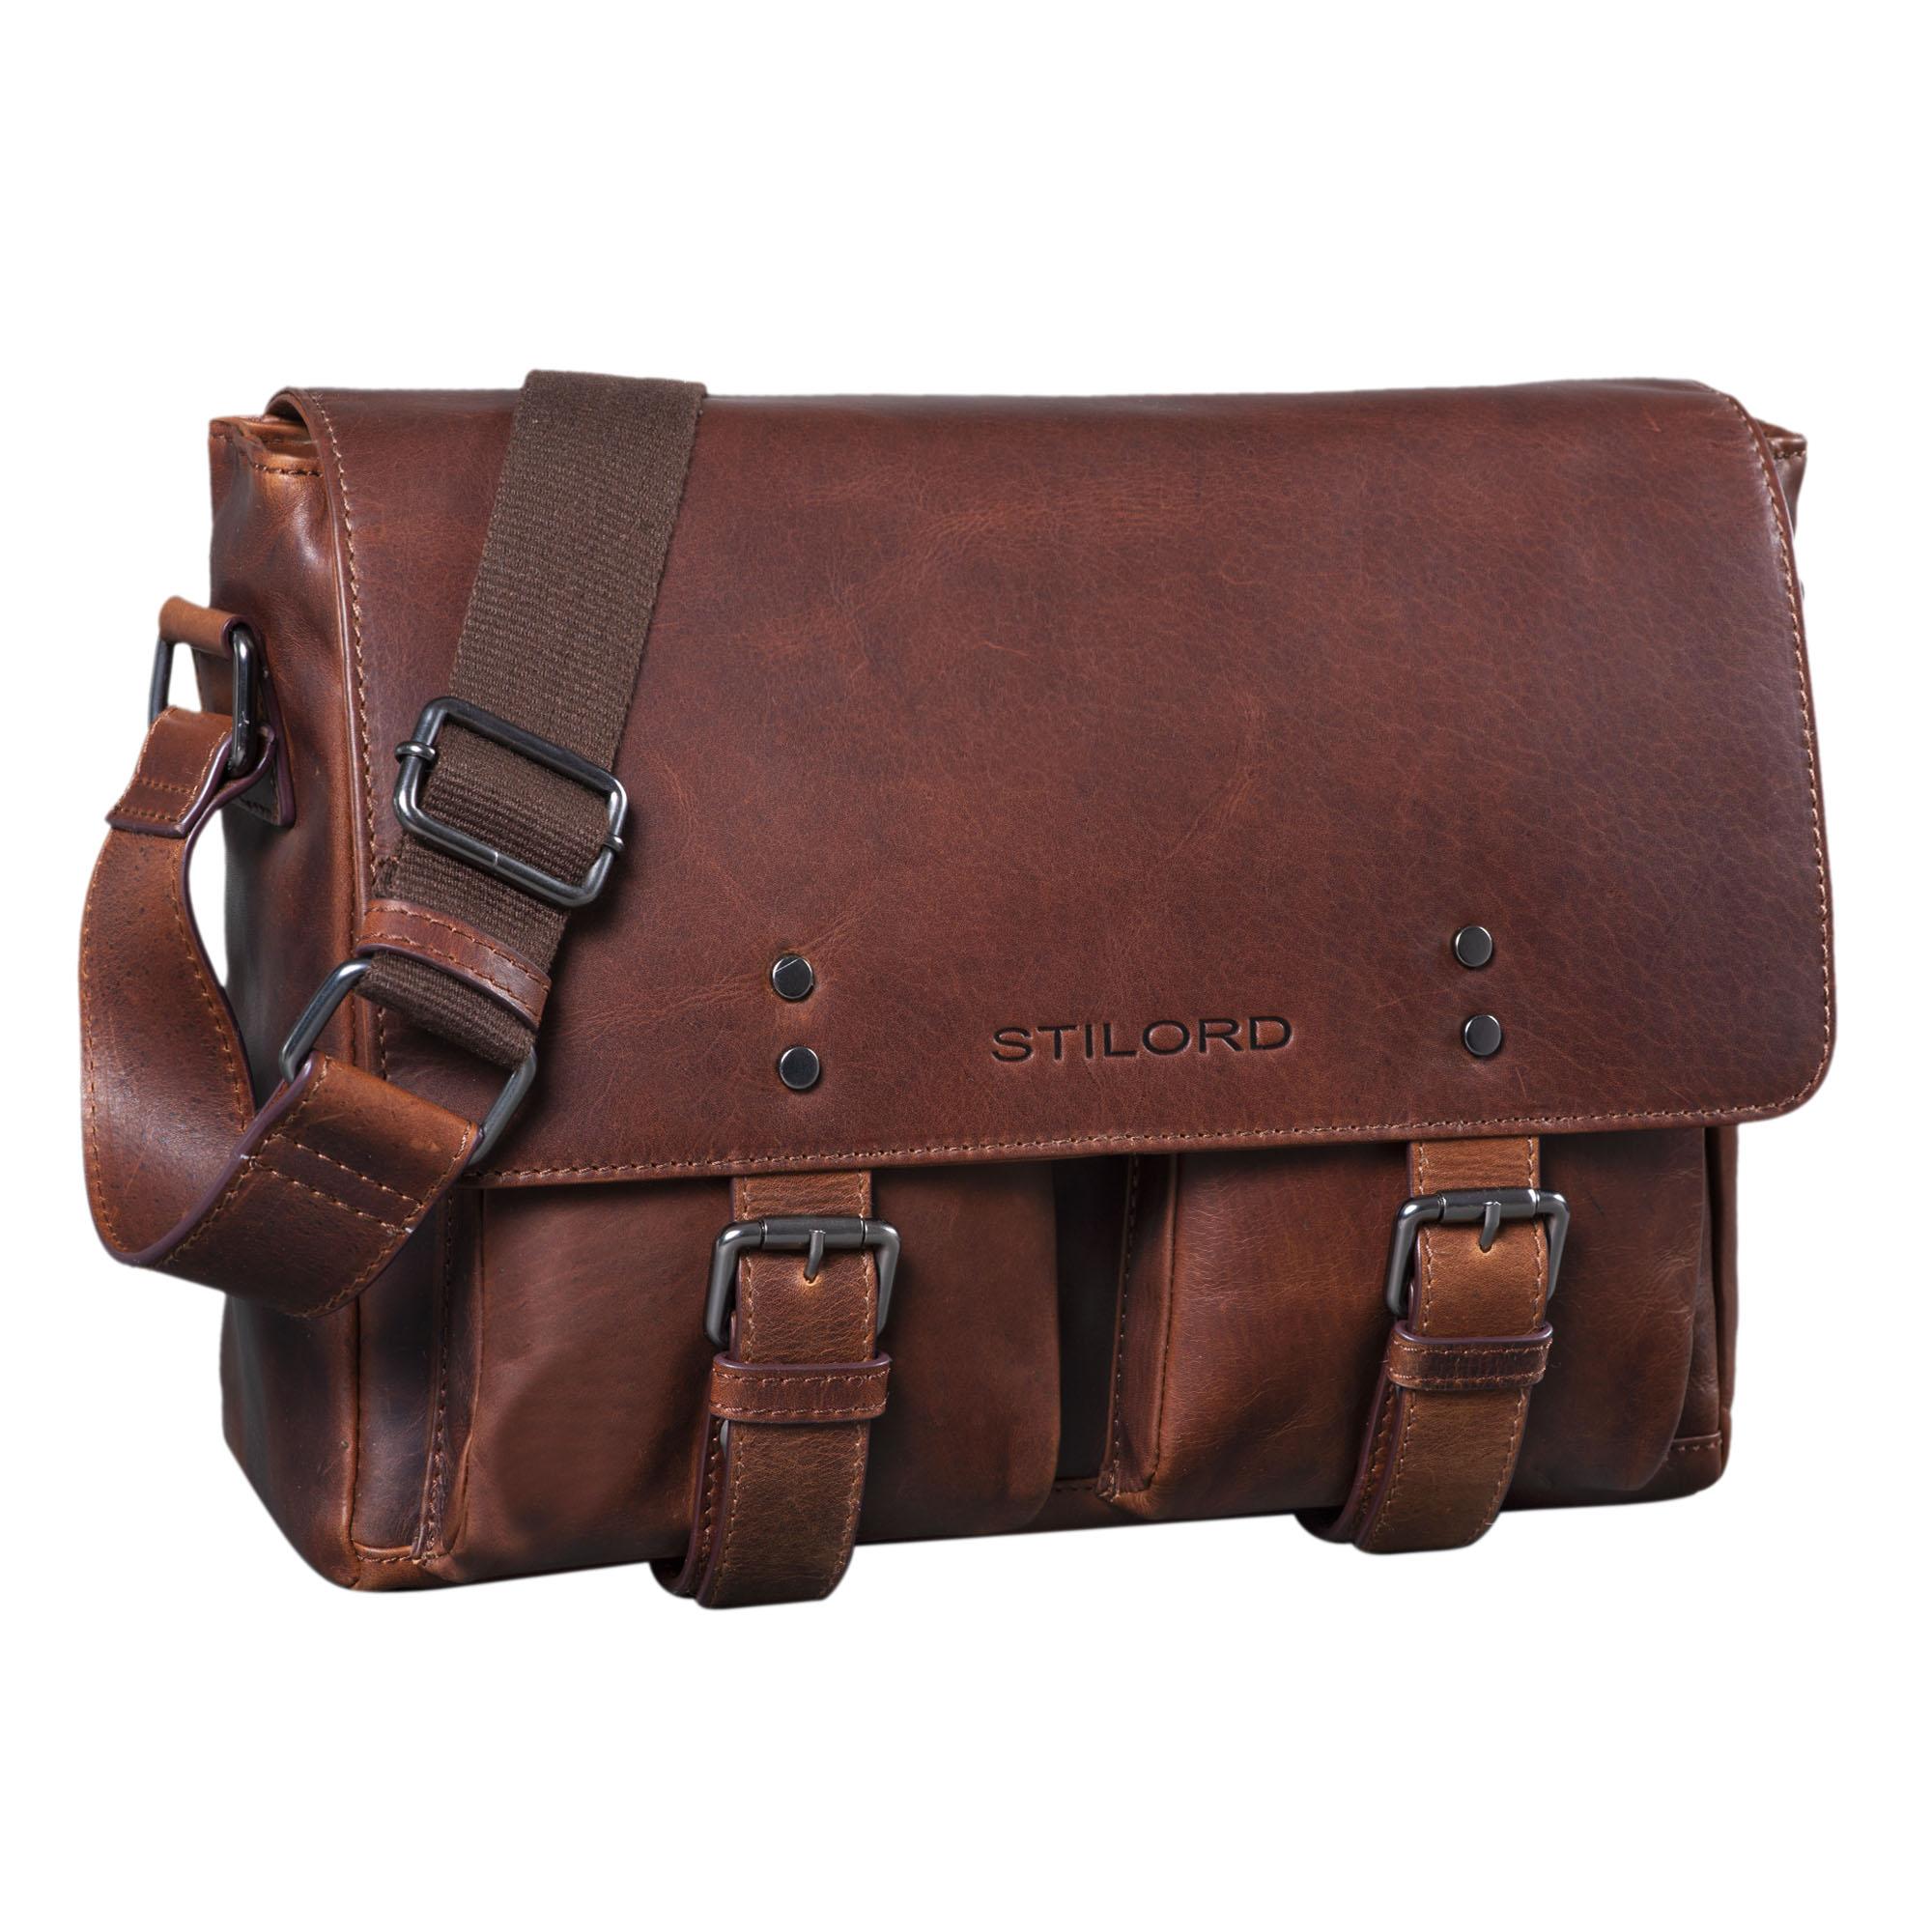 """STILORD """"Hunter"""" Leder Aktentasche 13 Zoll Laptoptasche Vintage Umhängetasche für Herren Damen Businesstasche aus Echtem Leder - Bild 8"""